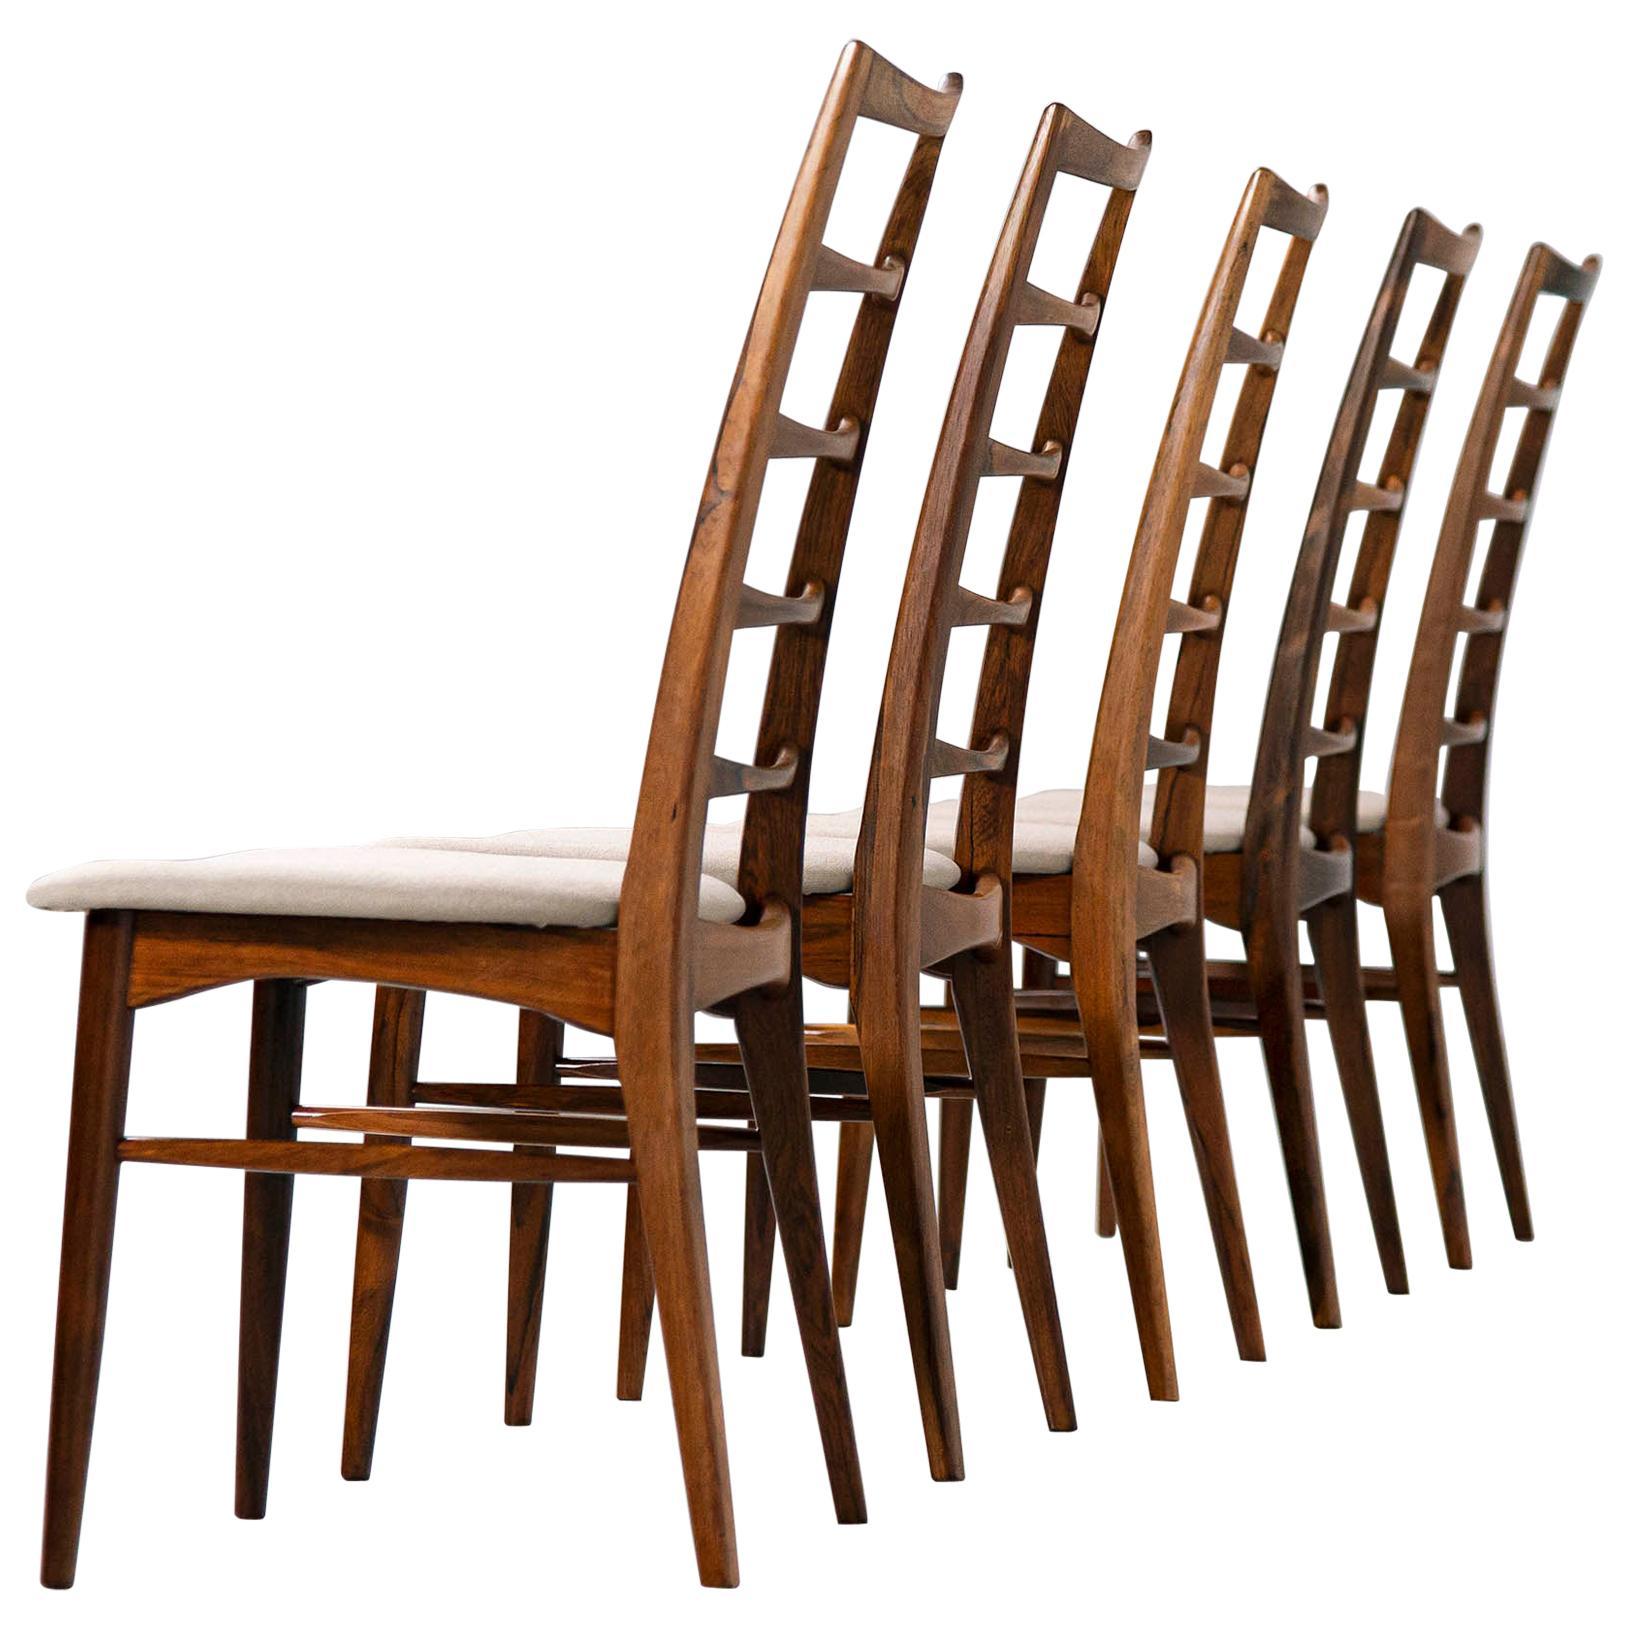 Niels Koefoed Lis Rosewood Dining Chairs, Denmark, 1961